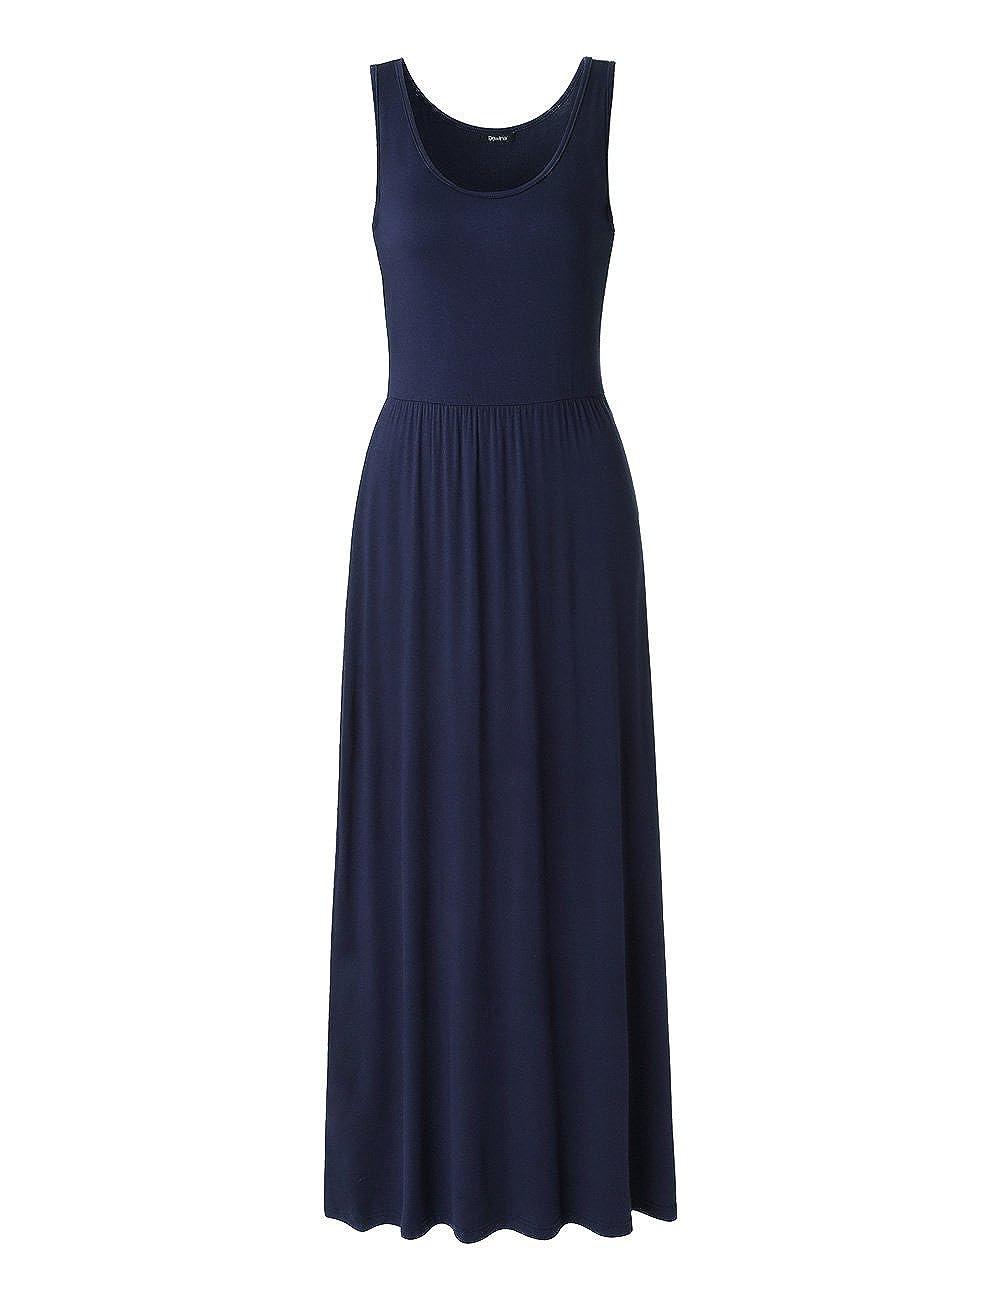 c1b4ee7f69a034 Top 10 wholesale Black Tank Top Maxi Dress - Chinabrands.com